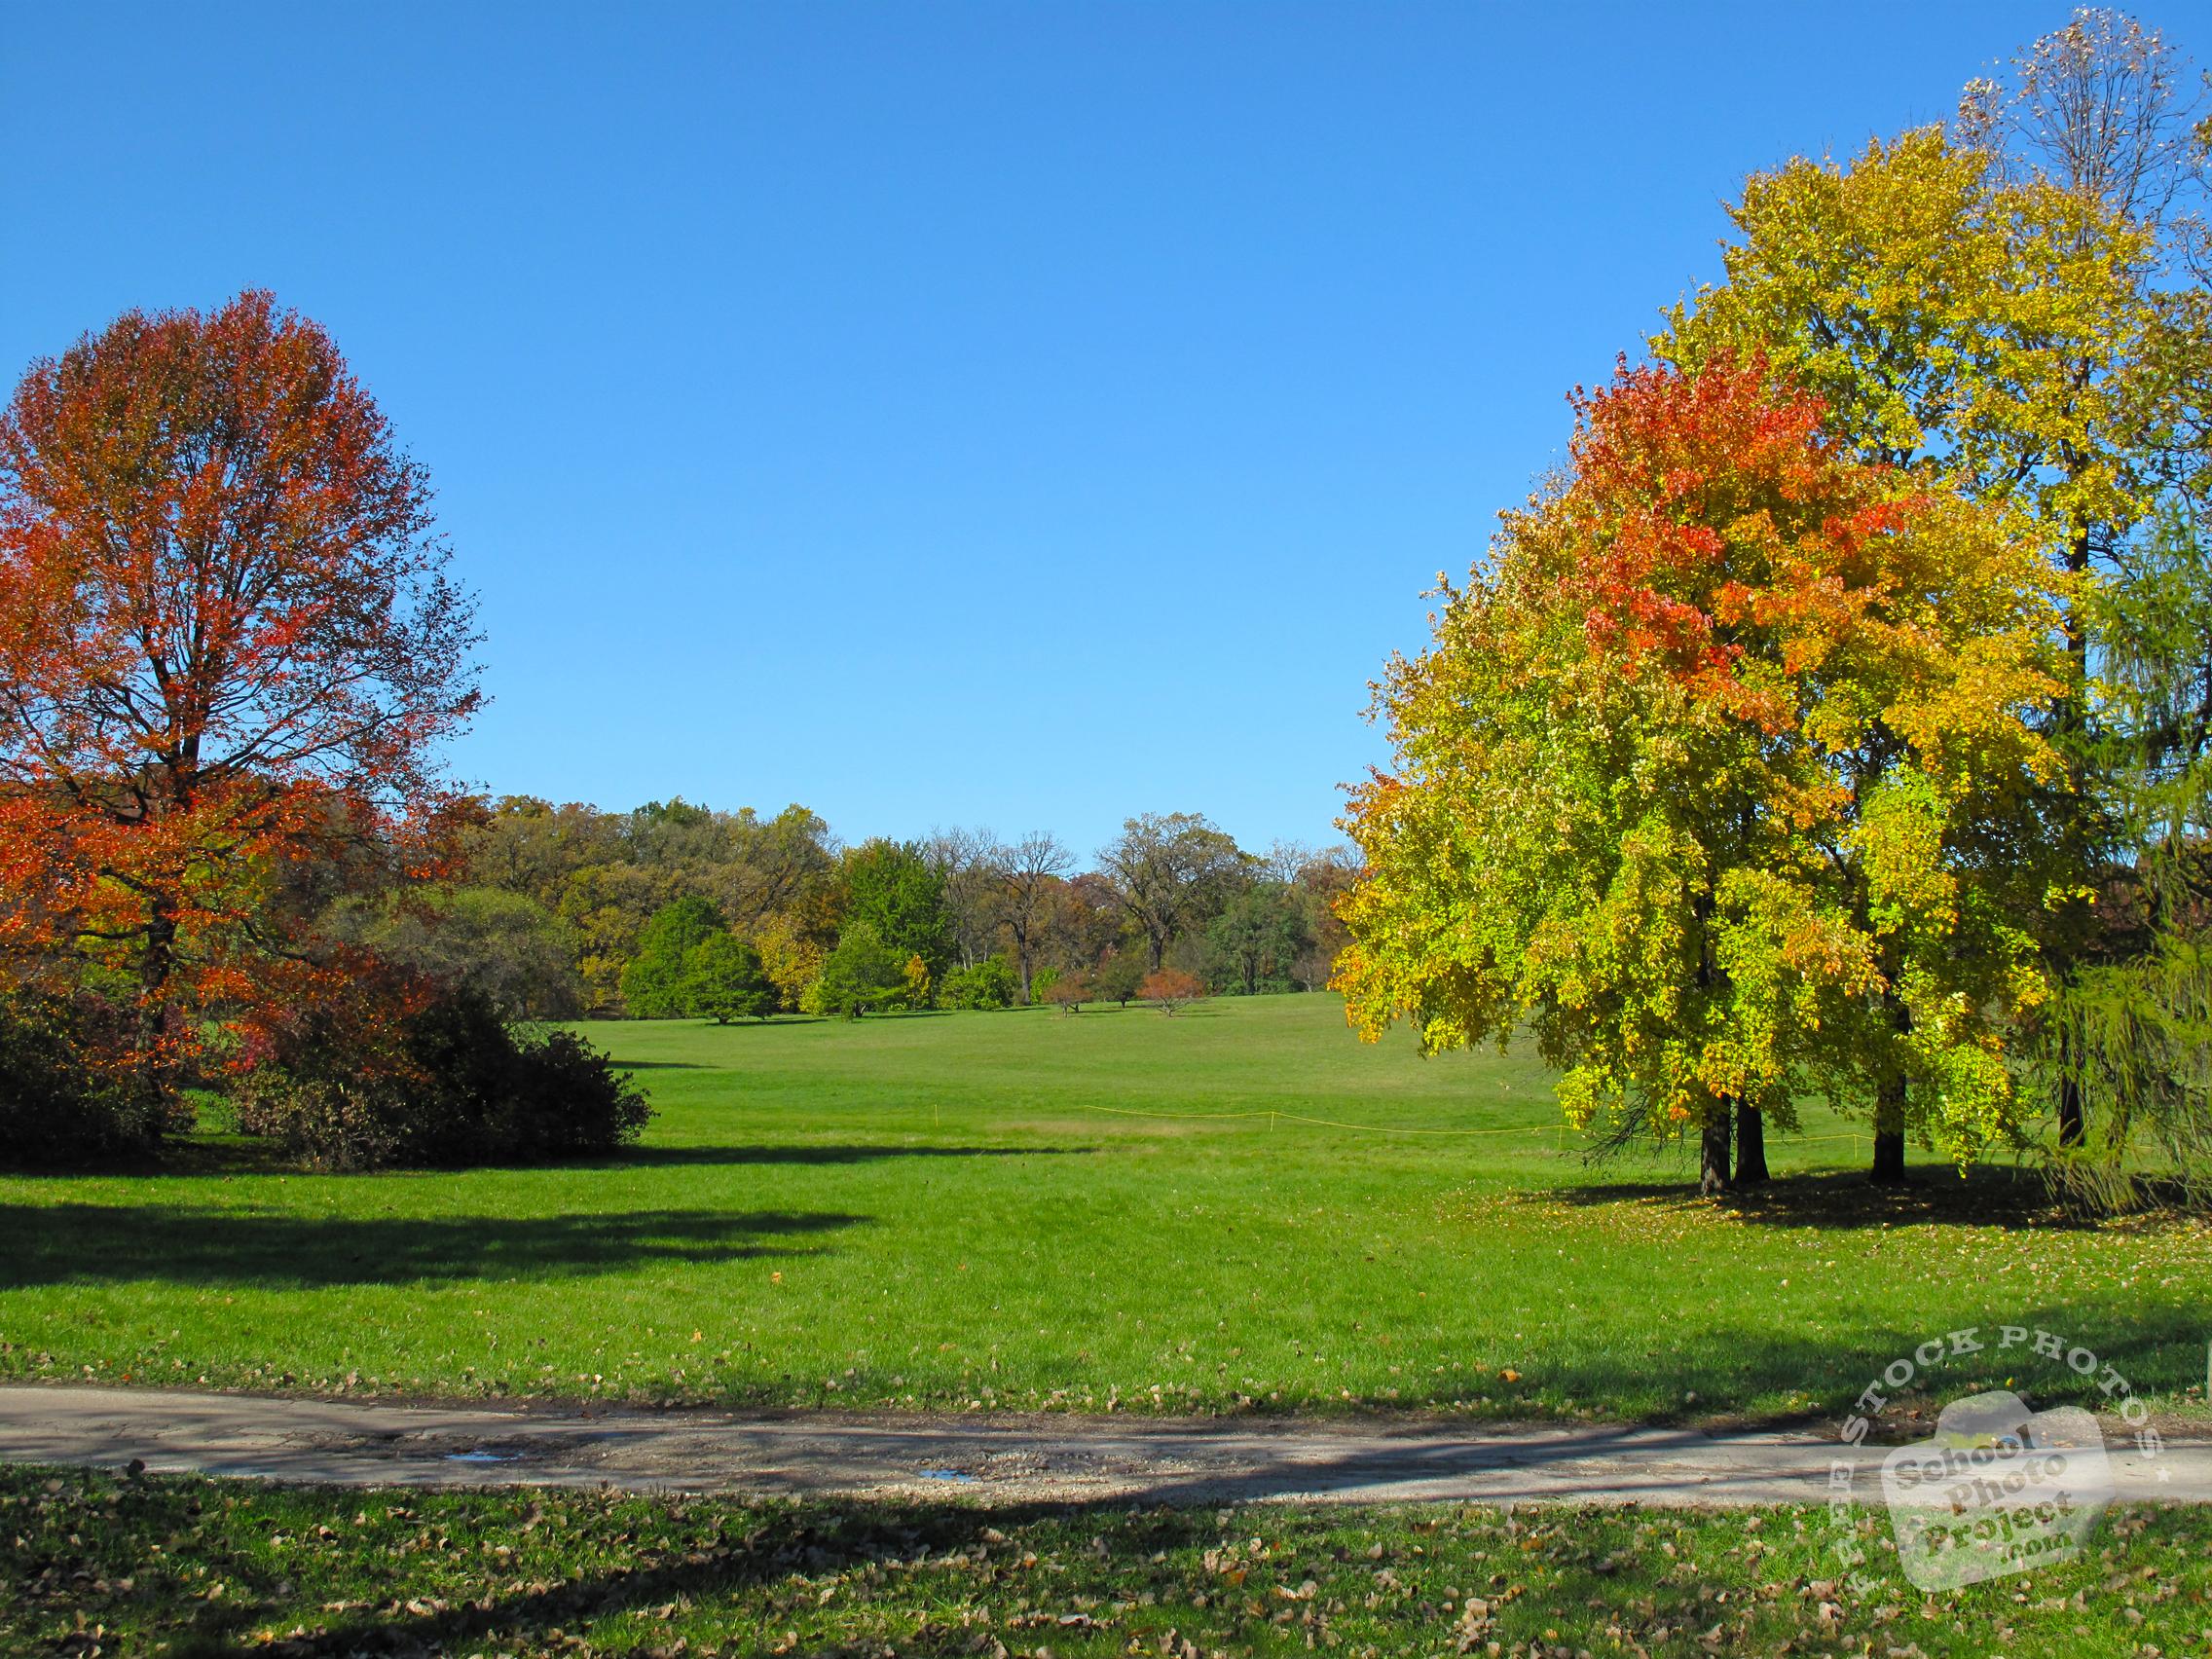 FREE Fall Foliage Photo, Colorful Trees Picture, Autumn Panorama ...